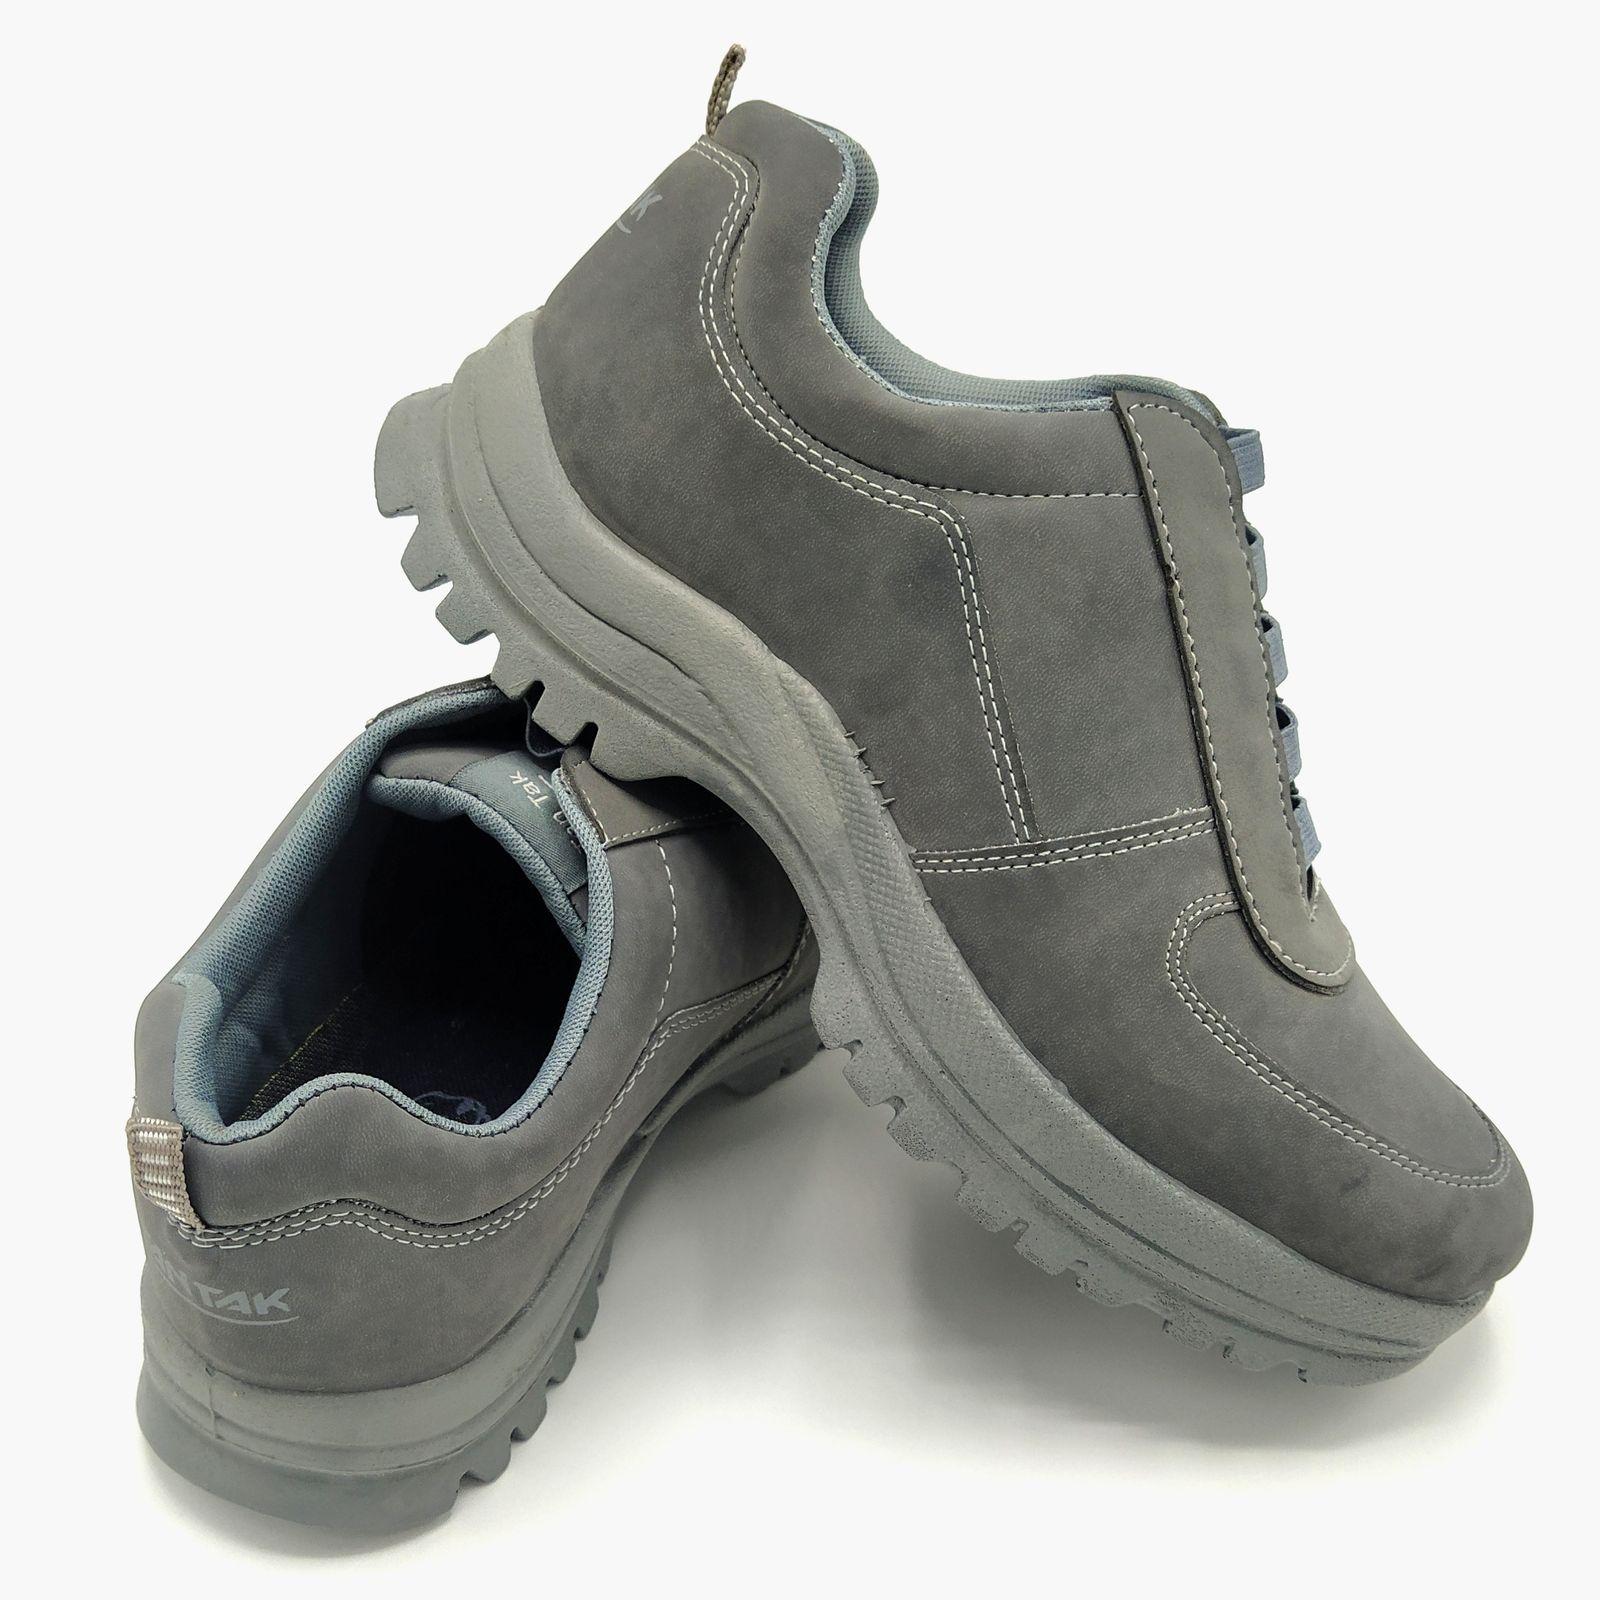 کفش پیاده روی مردانه تن تاک مدل 1421 -  - 2